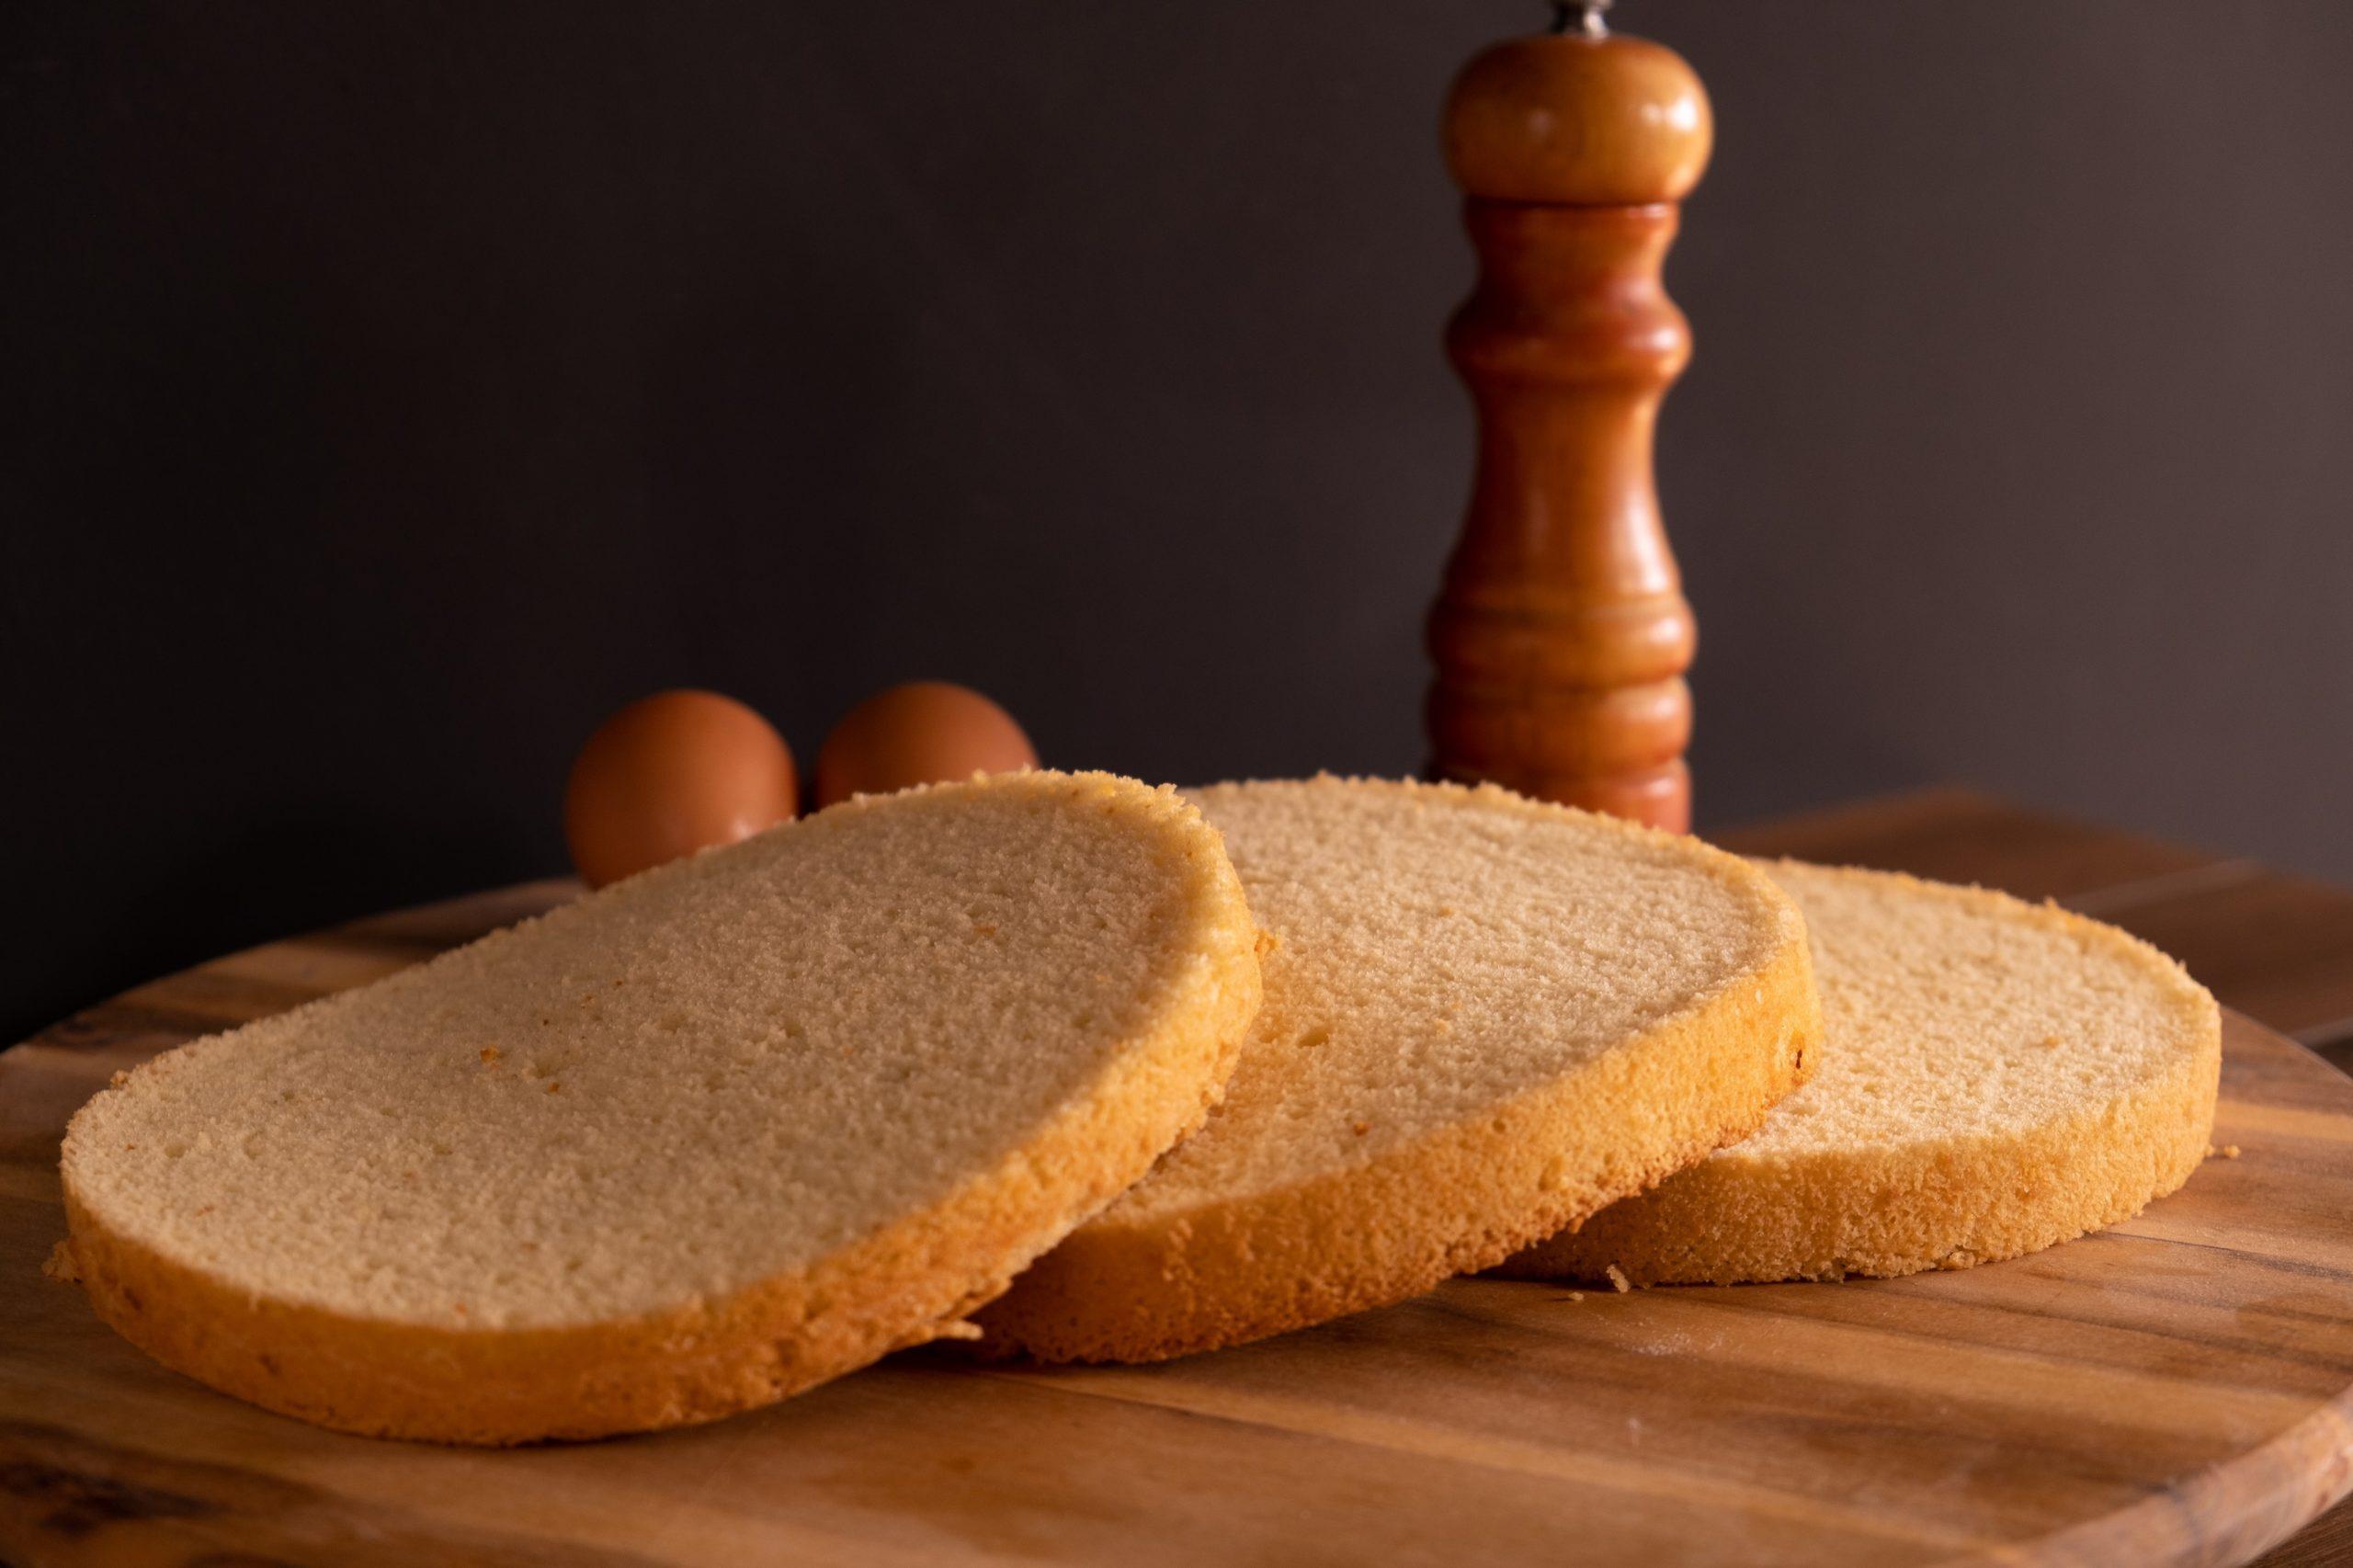 Aφράτο & Πεντανόστιμο Παντεσπάνι Για Τούρτες από το Live Kitchen συνταγή